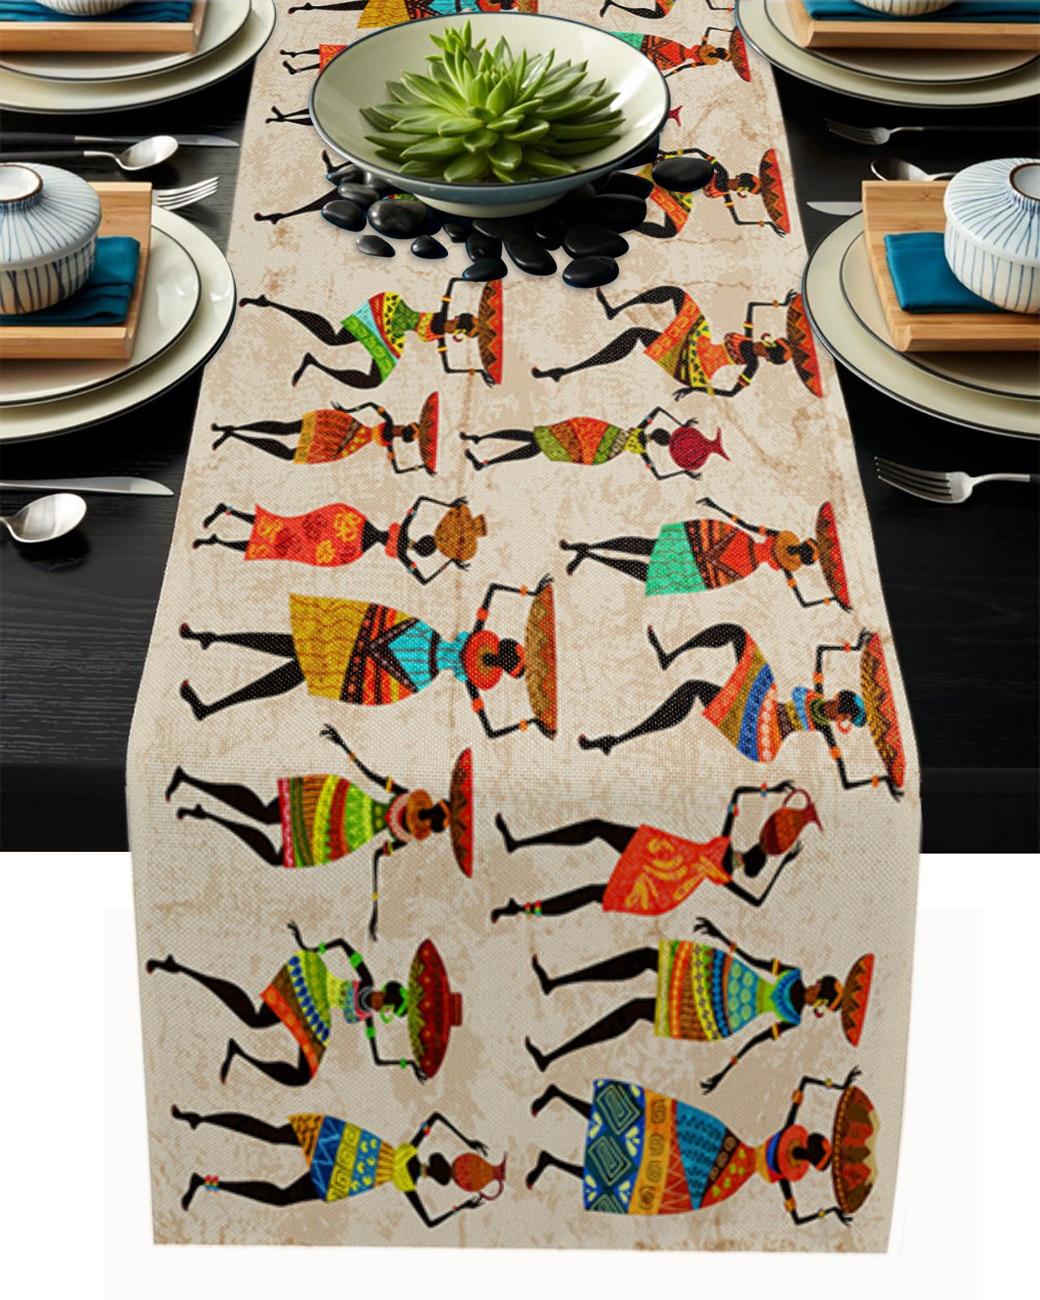 المرأة العرقية الأفريقية الجدول عداء زخارف الزفاف الحديثة طاولة الطعام العدائين تحديد الموقع زينة عيد الميلاد